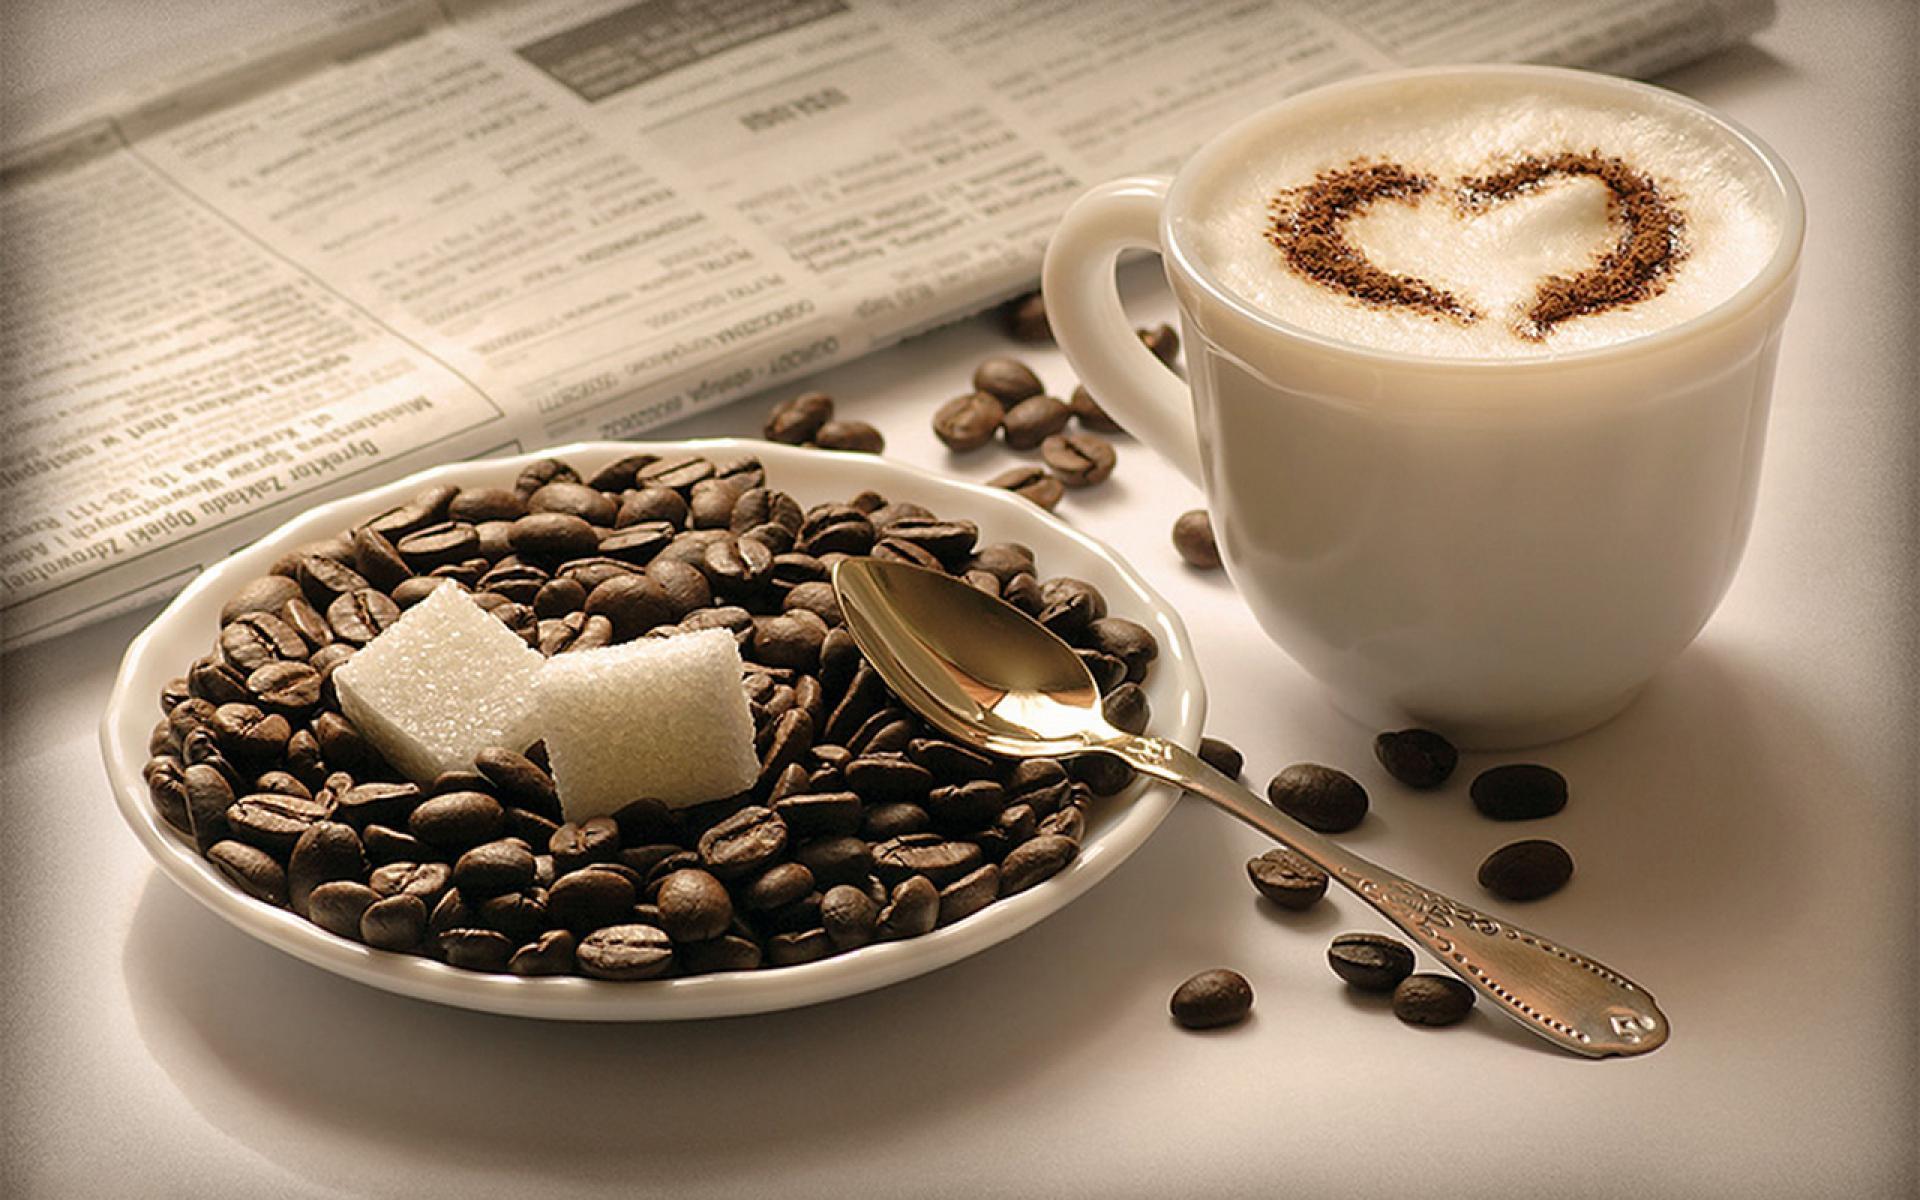 عکس های قلب تشکیل شده بر روی قهوه